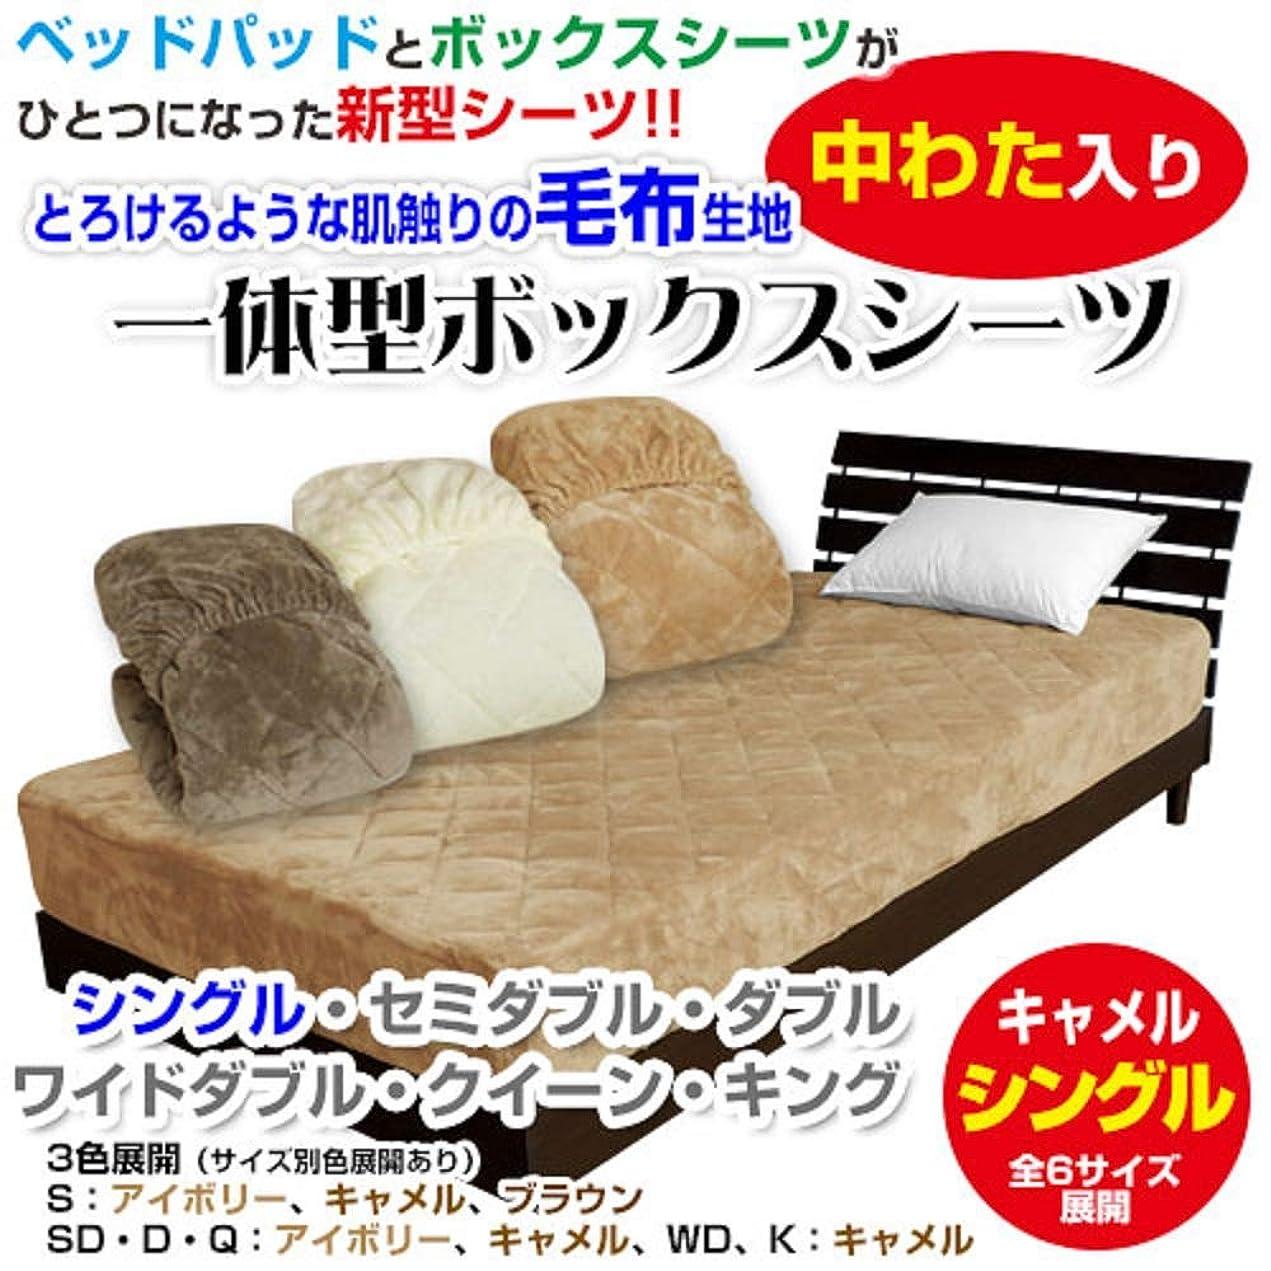 独裁者ショットあいにく一体型 ベッドパッド ボックスシーツ メーカー直販 とろけるような肌触りふわふわ 一体型ボックスシーツ シングル 100×200×30cm (キャメル)